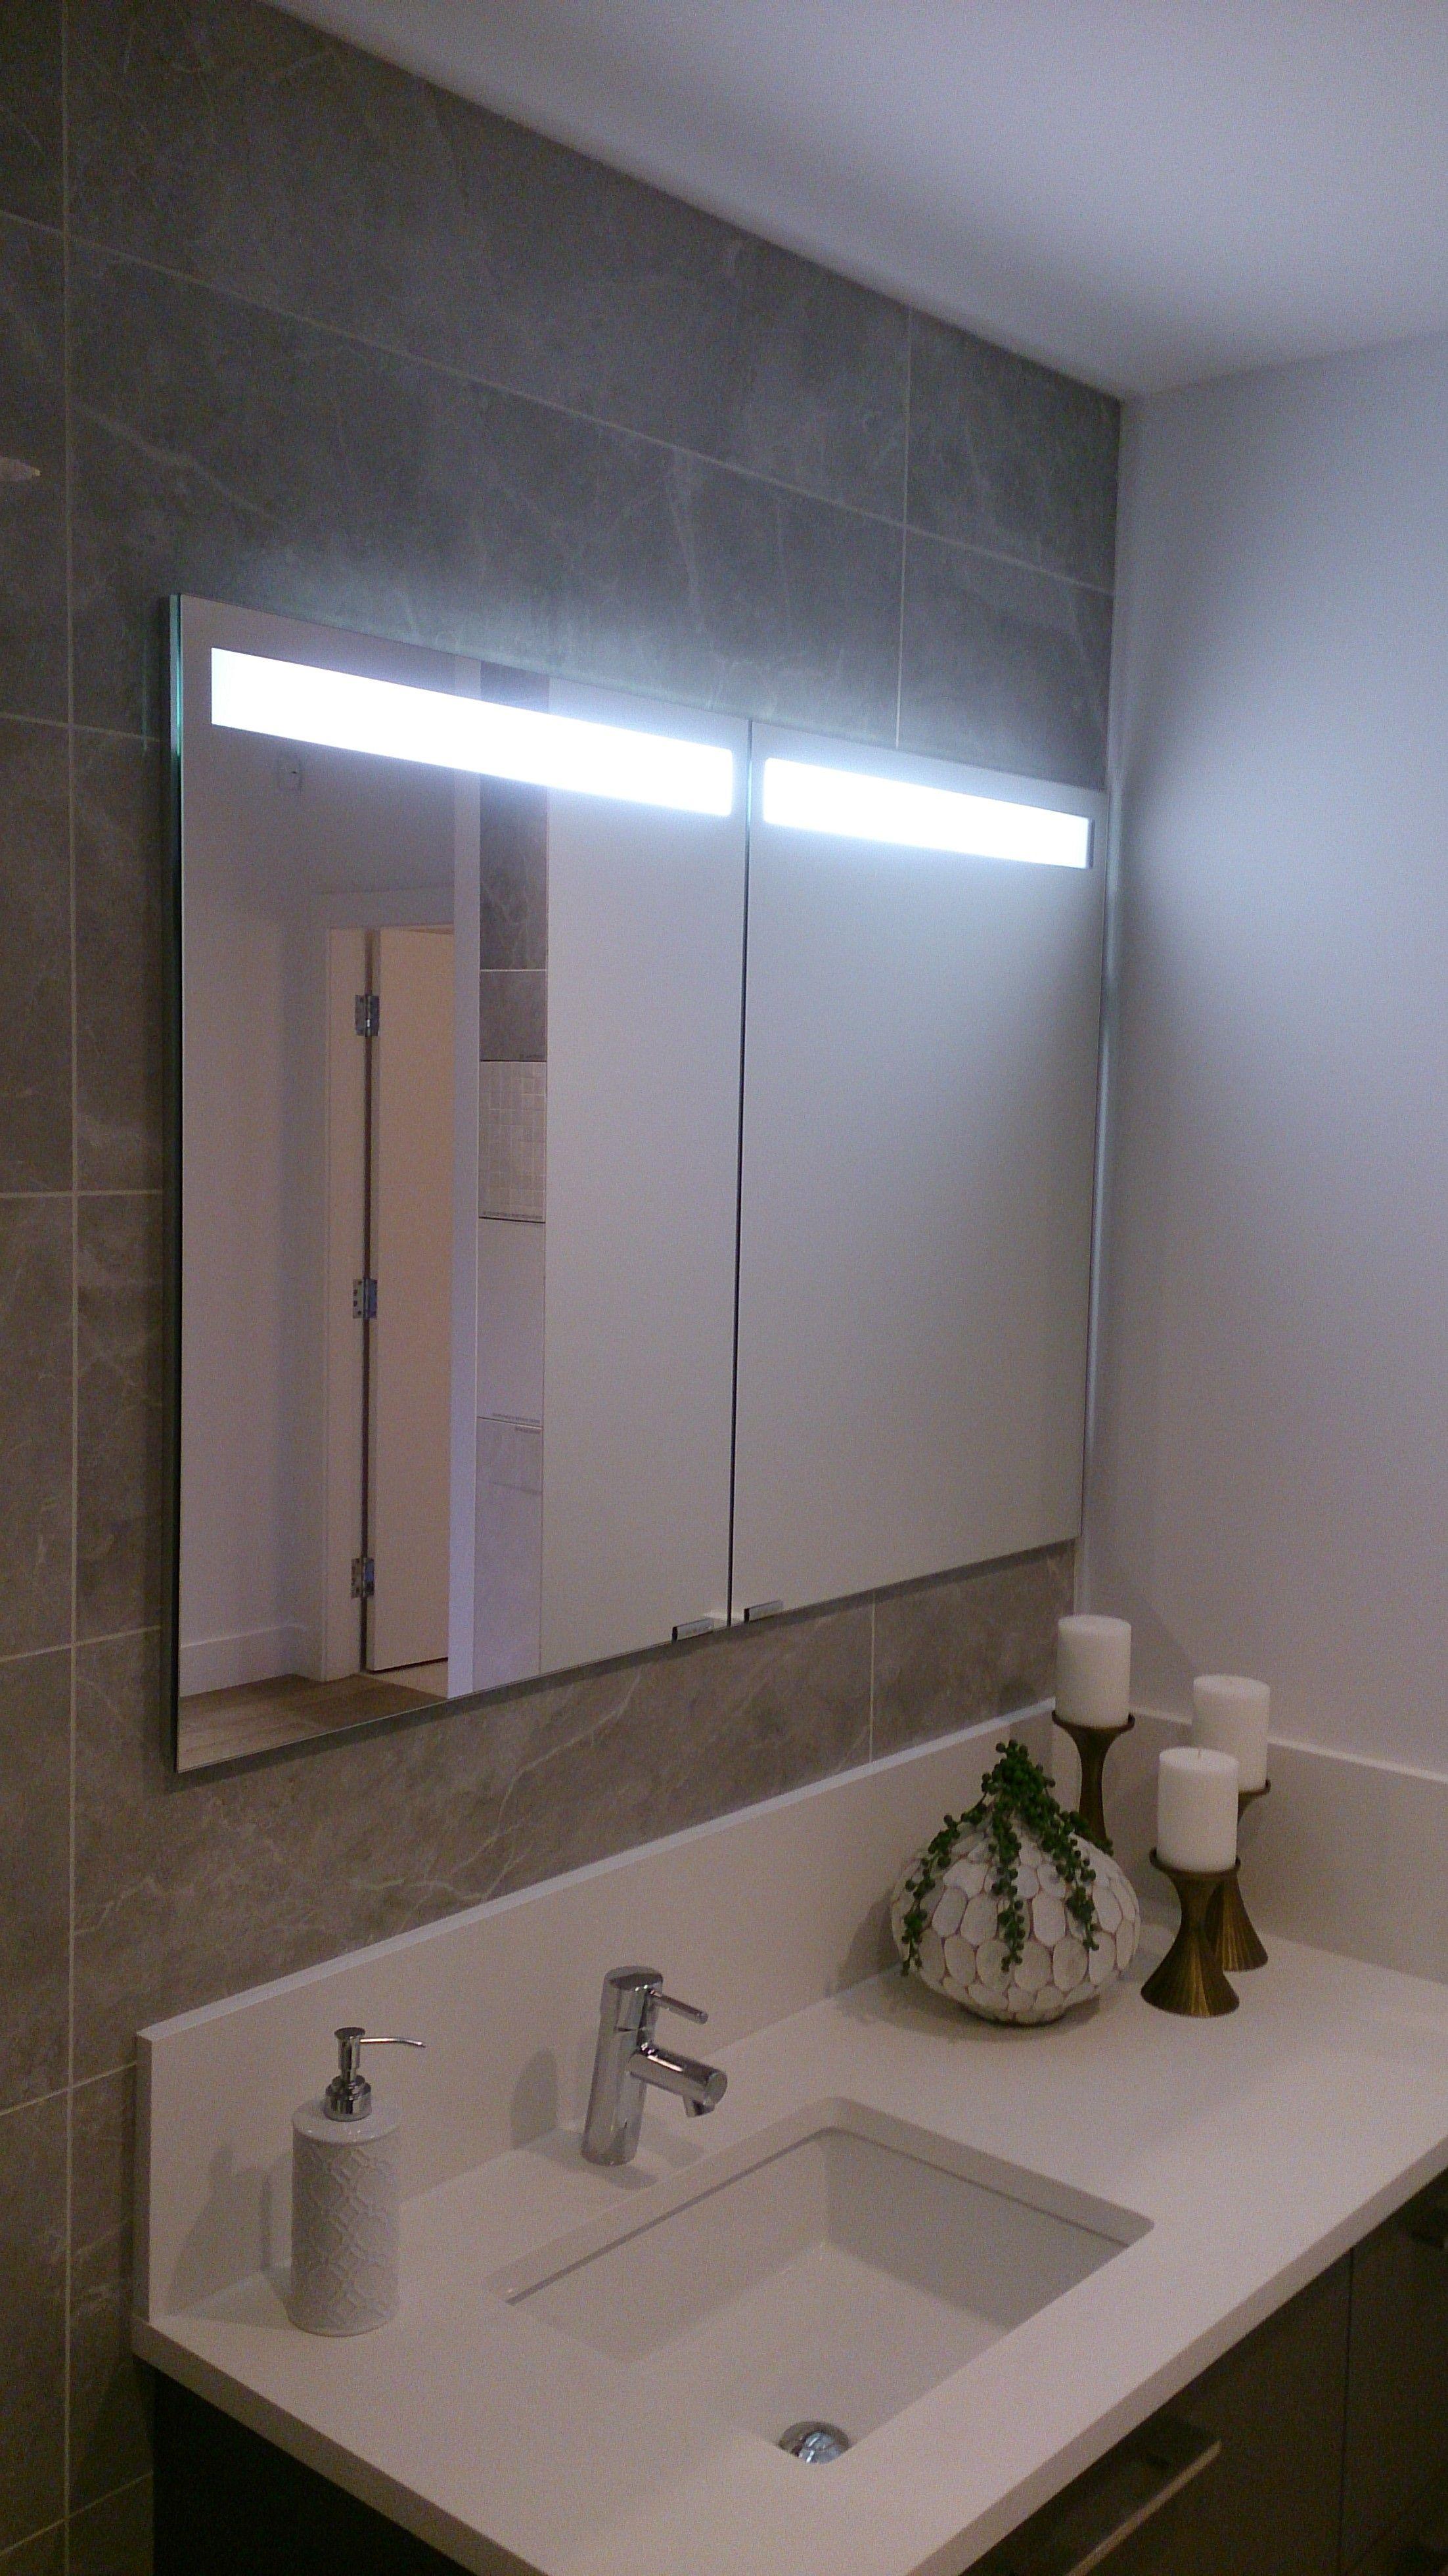 47 Wide Double Door Sidler Diamando Medicine Cabinet With Built In